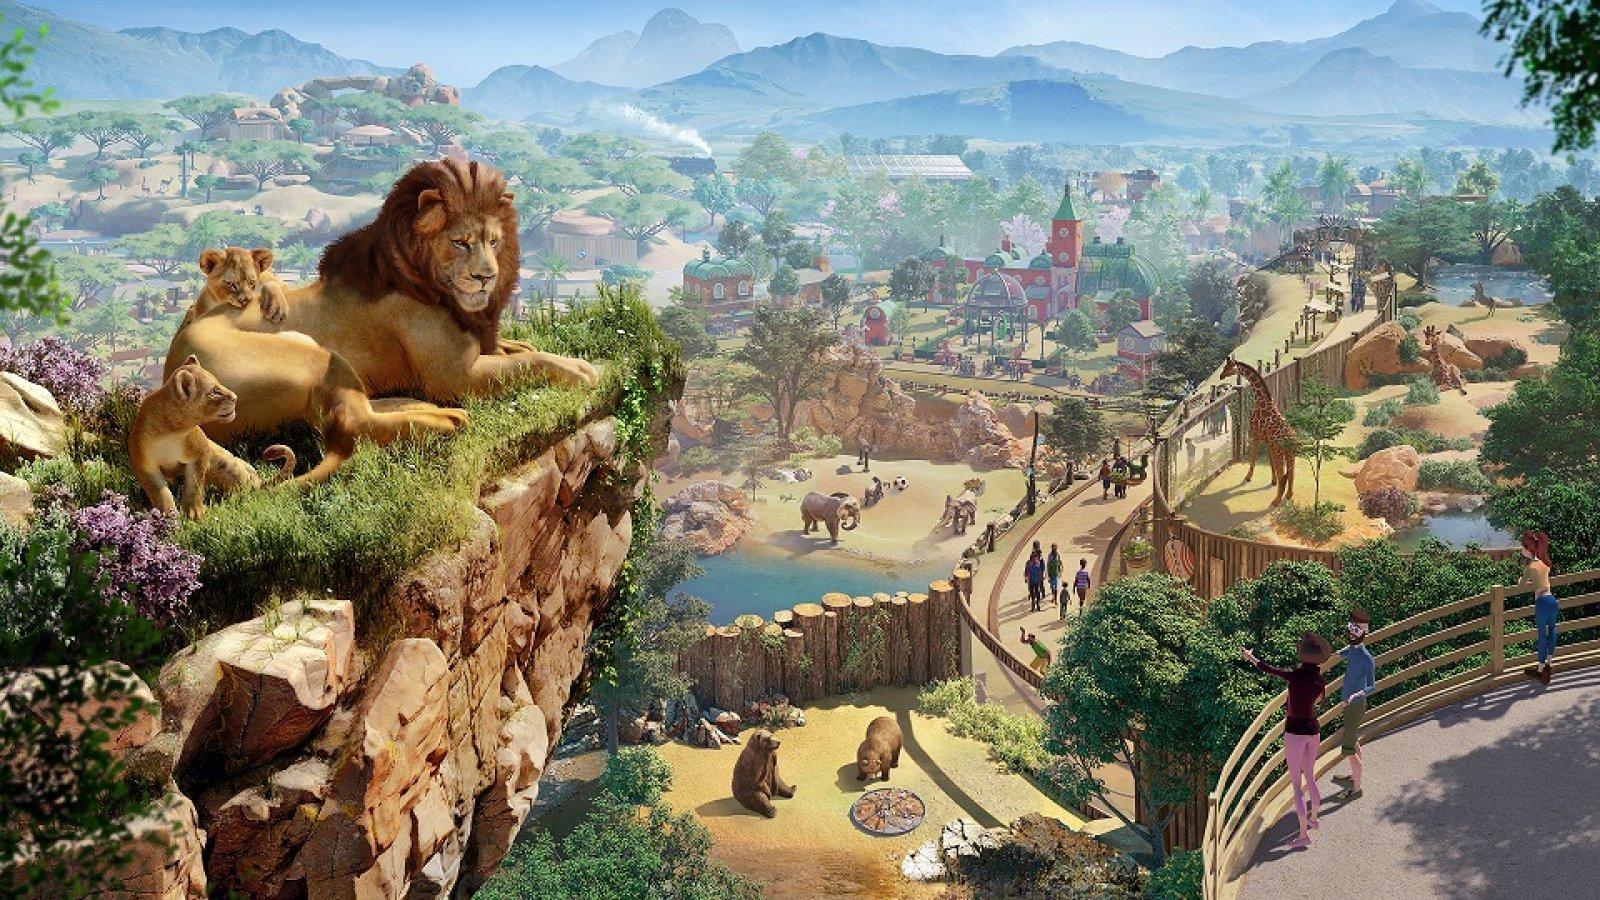 تریلر ۱۷ دقیقهای از گیمپلی بازی Planet Zoo منتشر شد